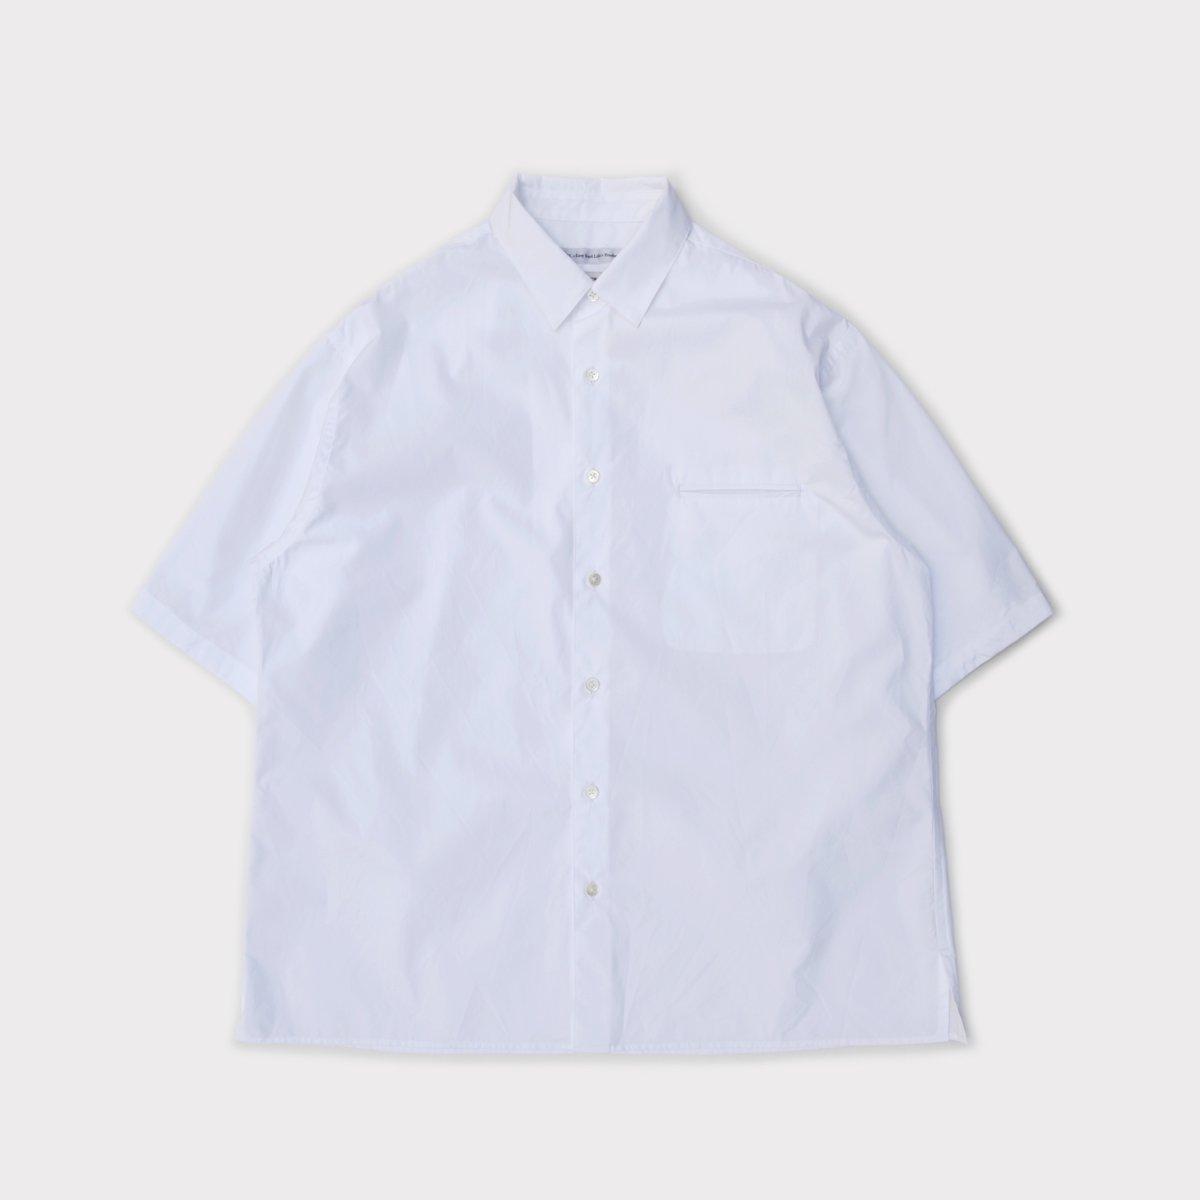 Grooming Shirt S/S  White